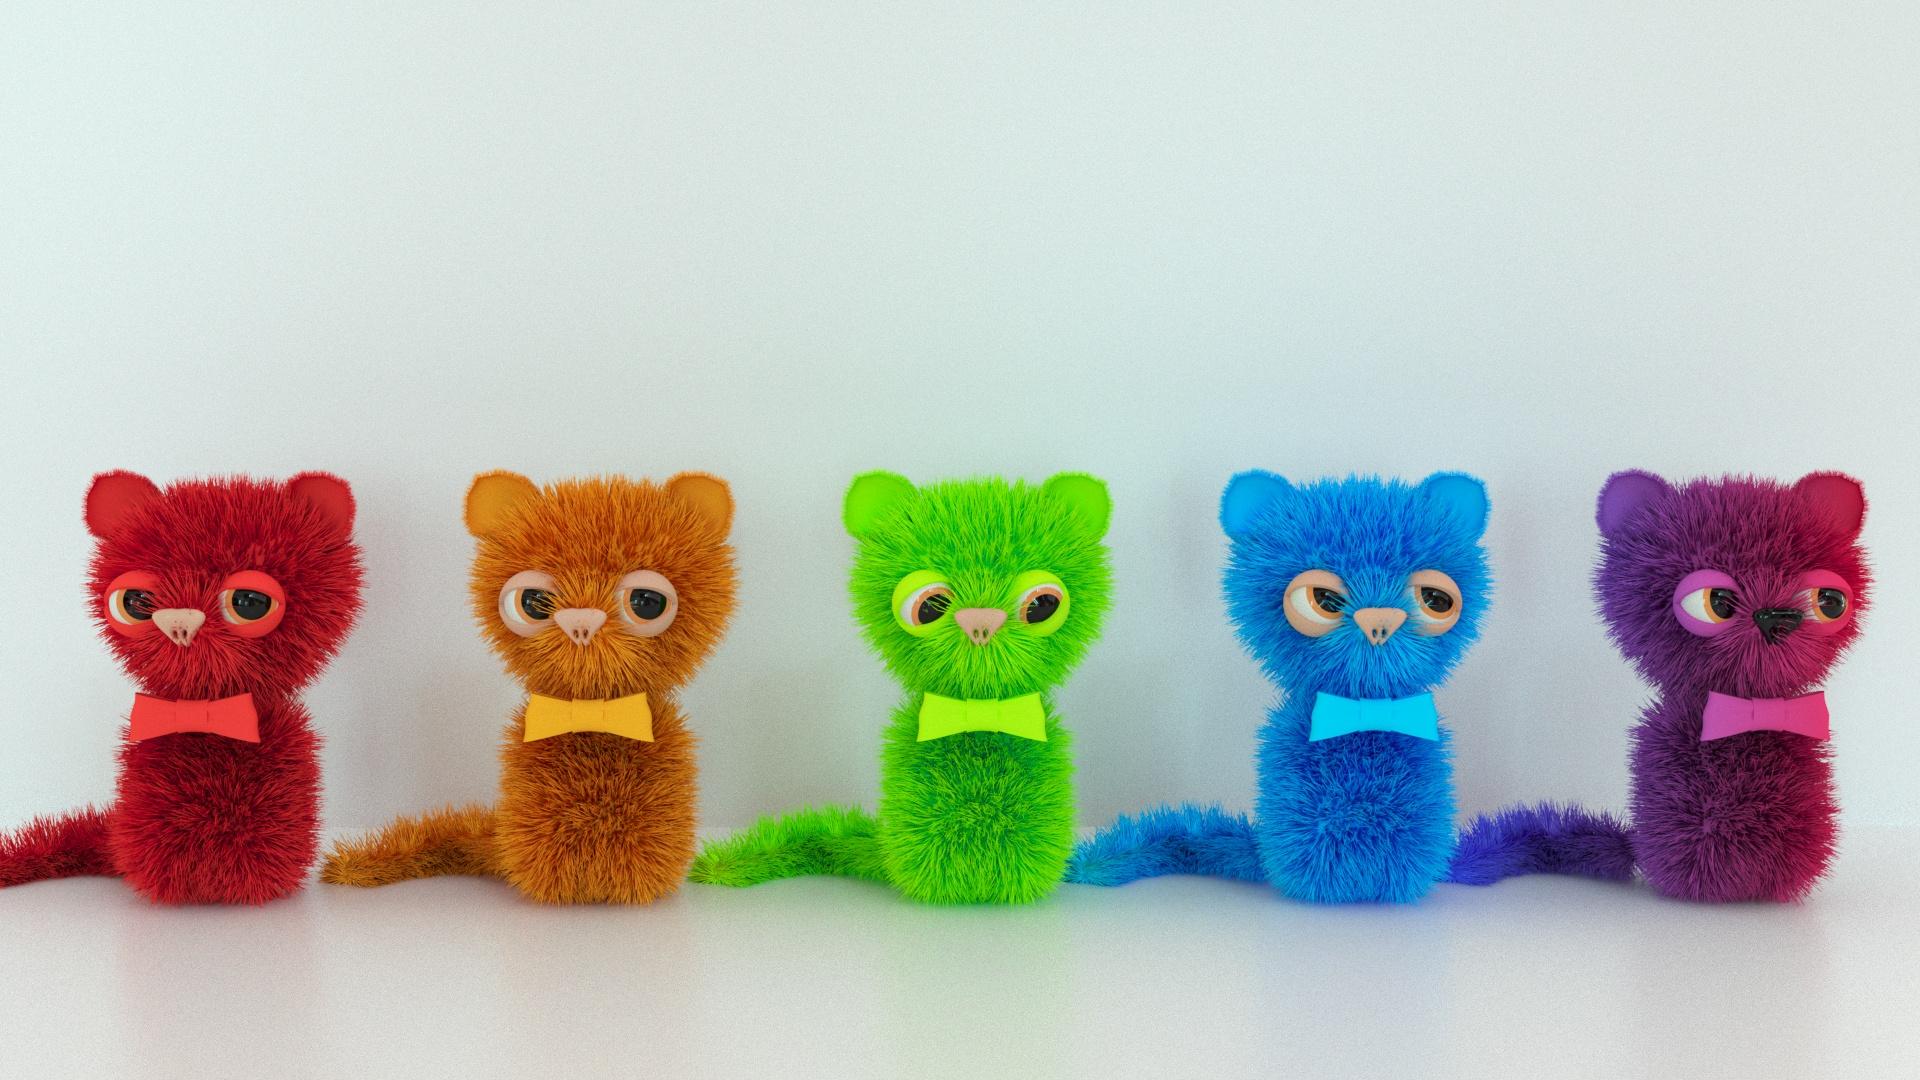 Дизайн 5 мягких игрушек фото f_9335cbca66707362.jpg